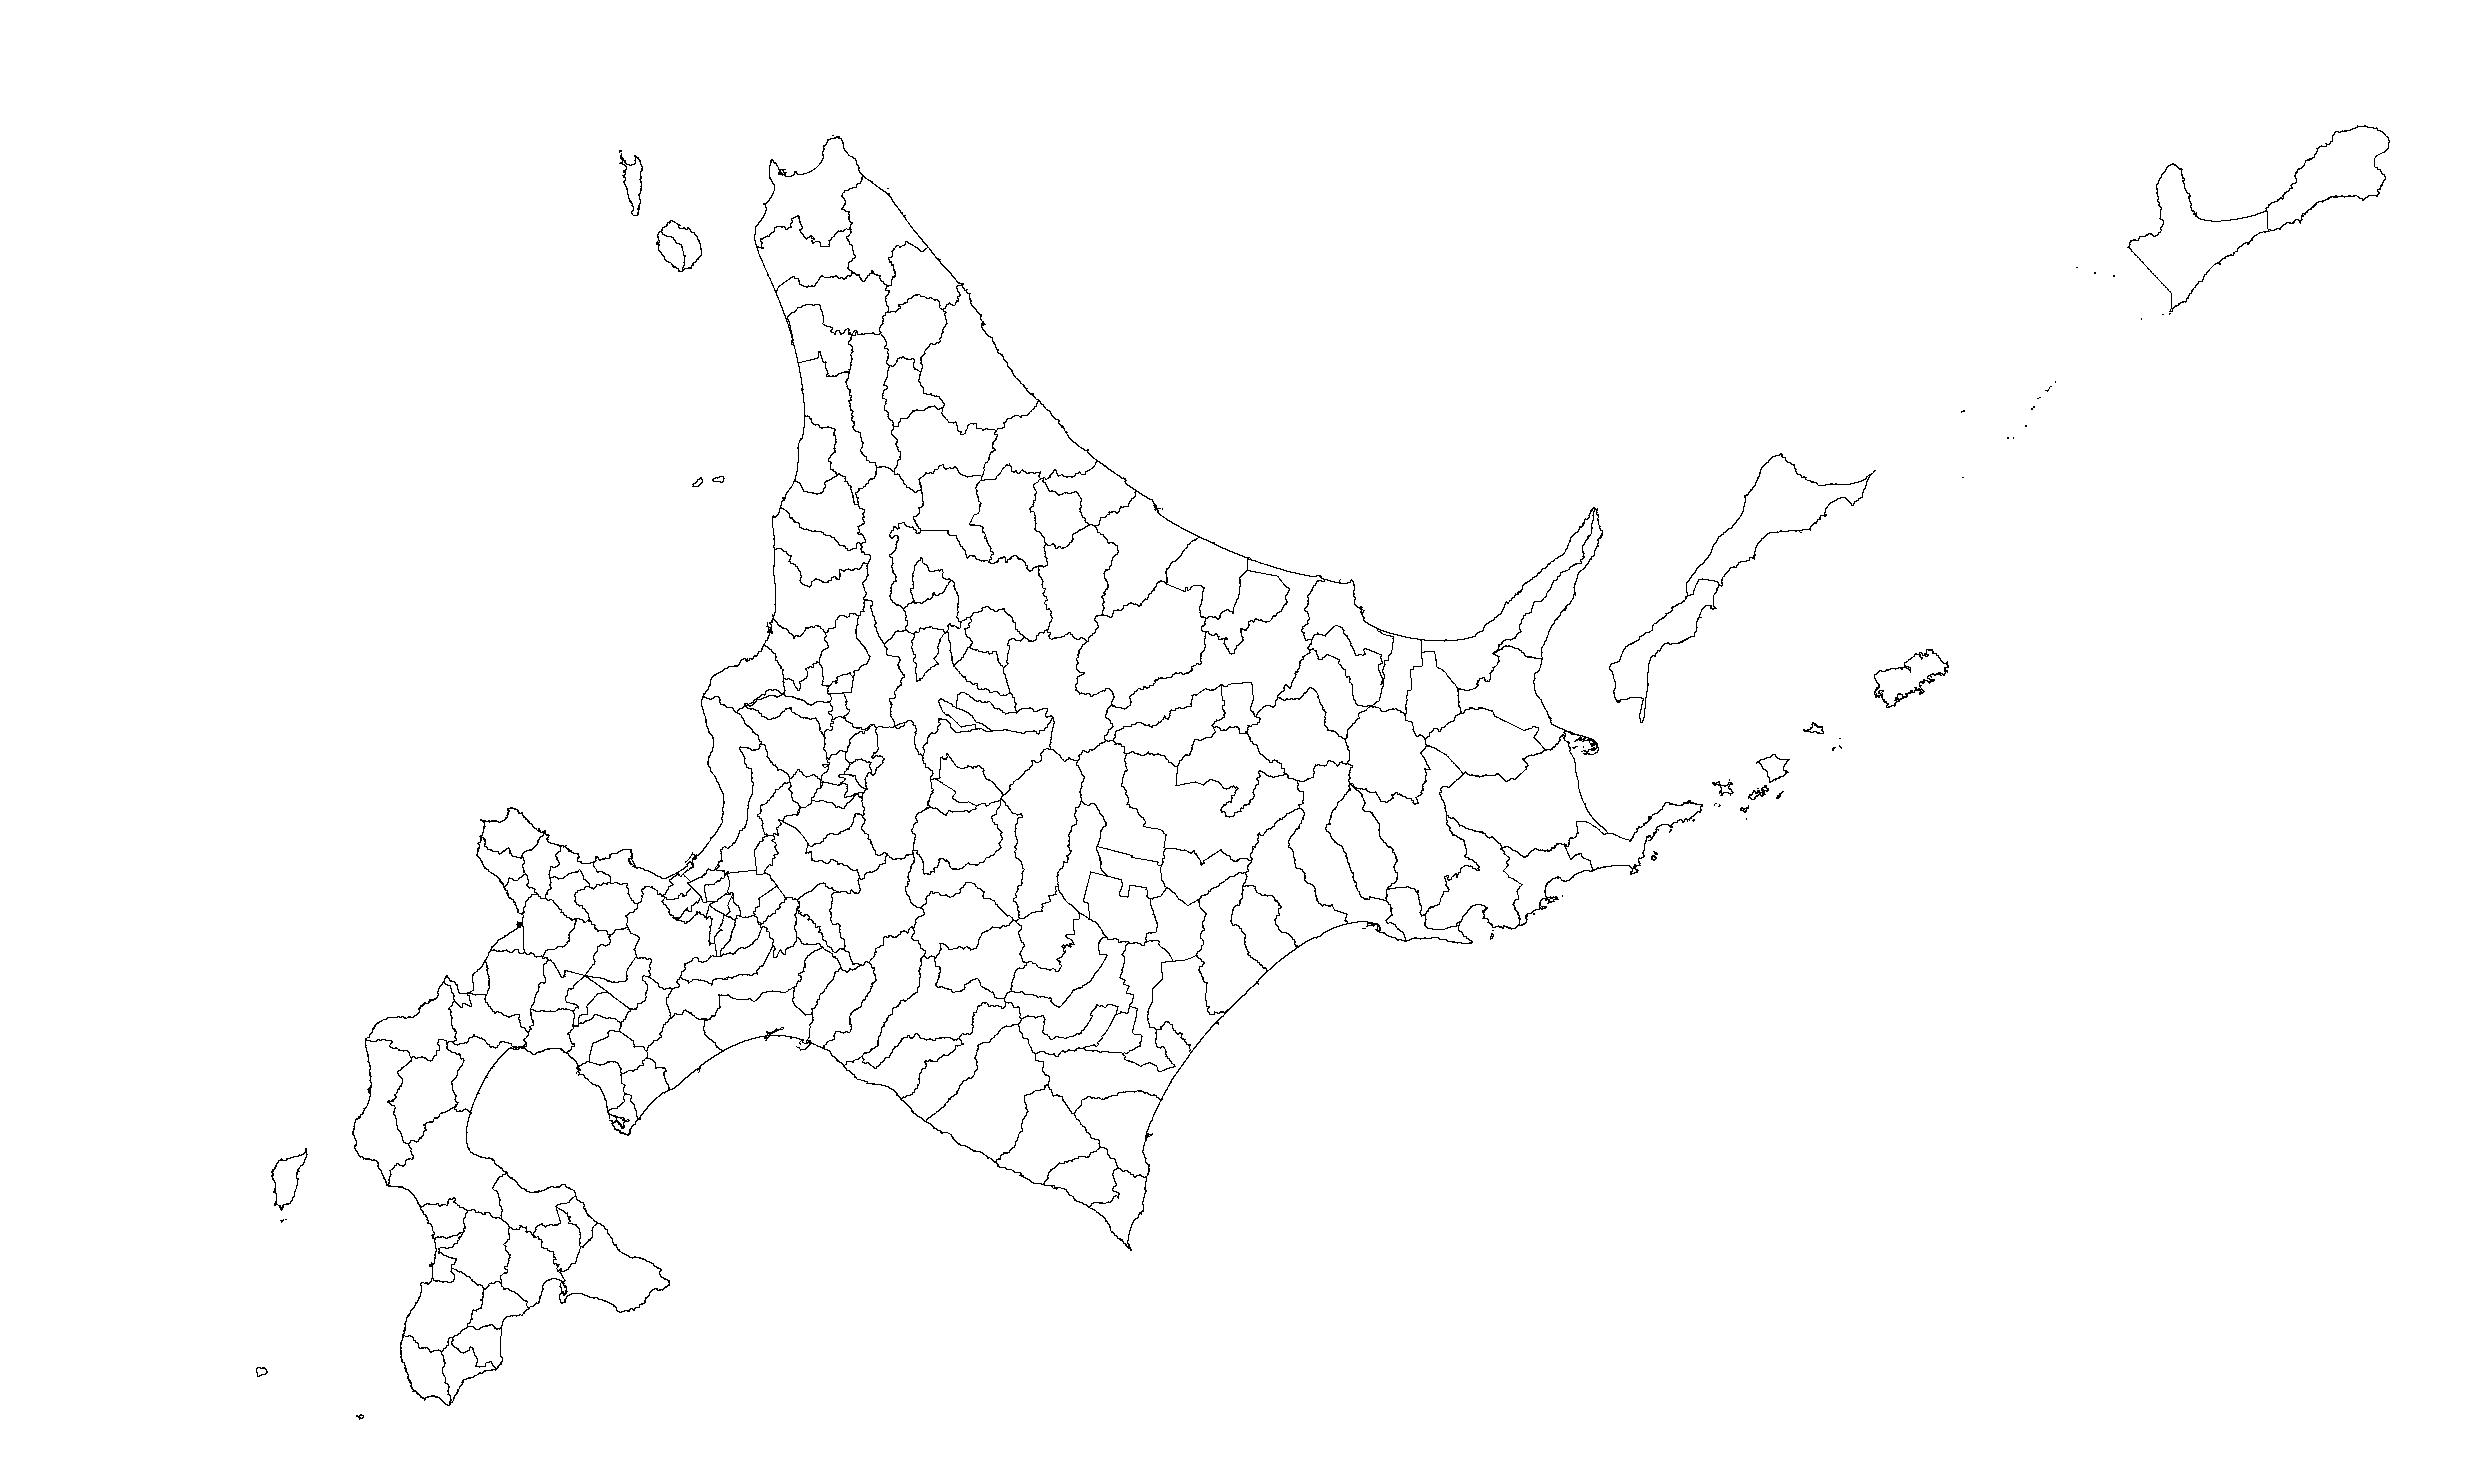 国土数値地理情報から白地図を作る 1 Mkbtm